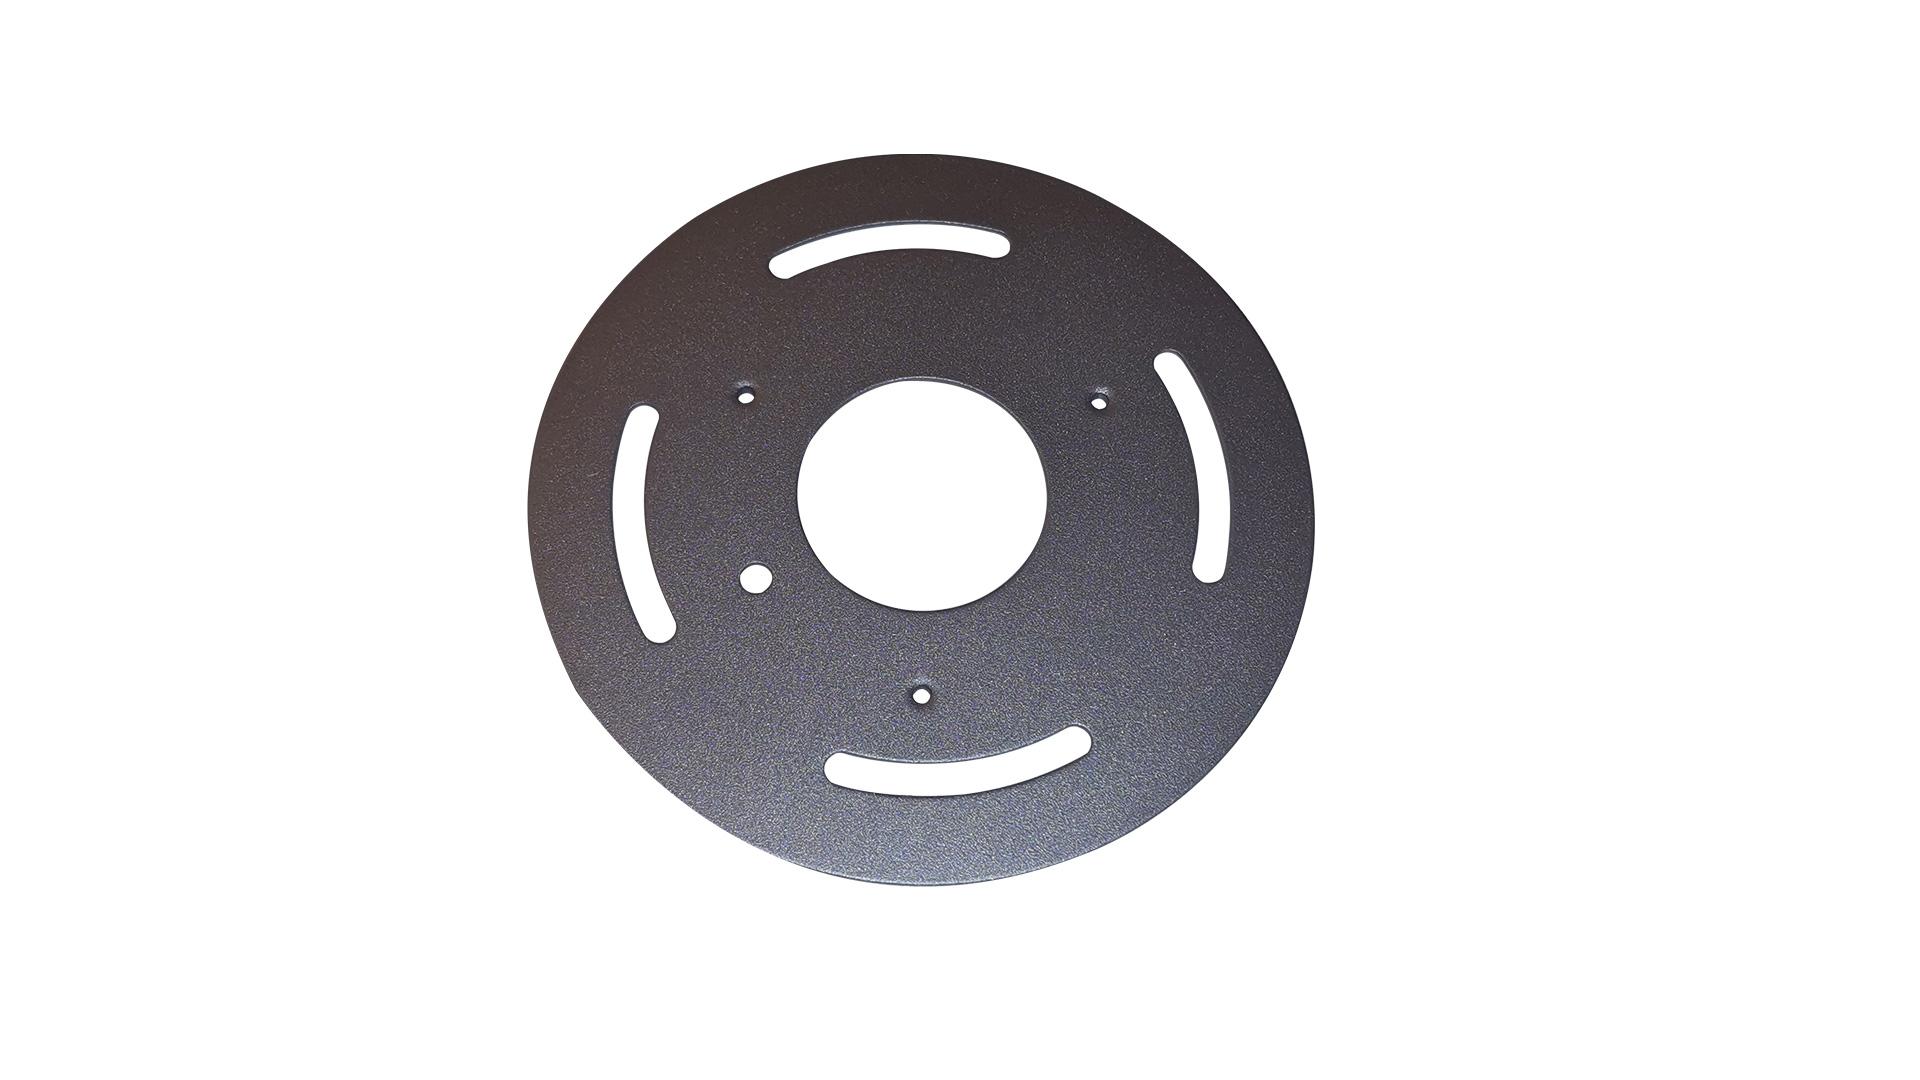 Piezas de estampado de chapa de carcasa LED